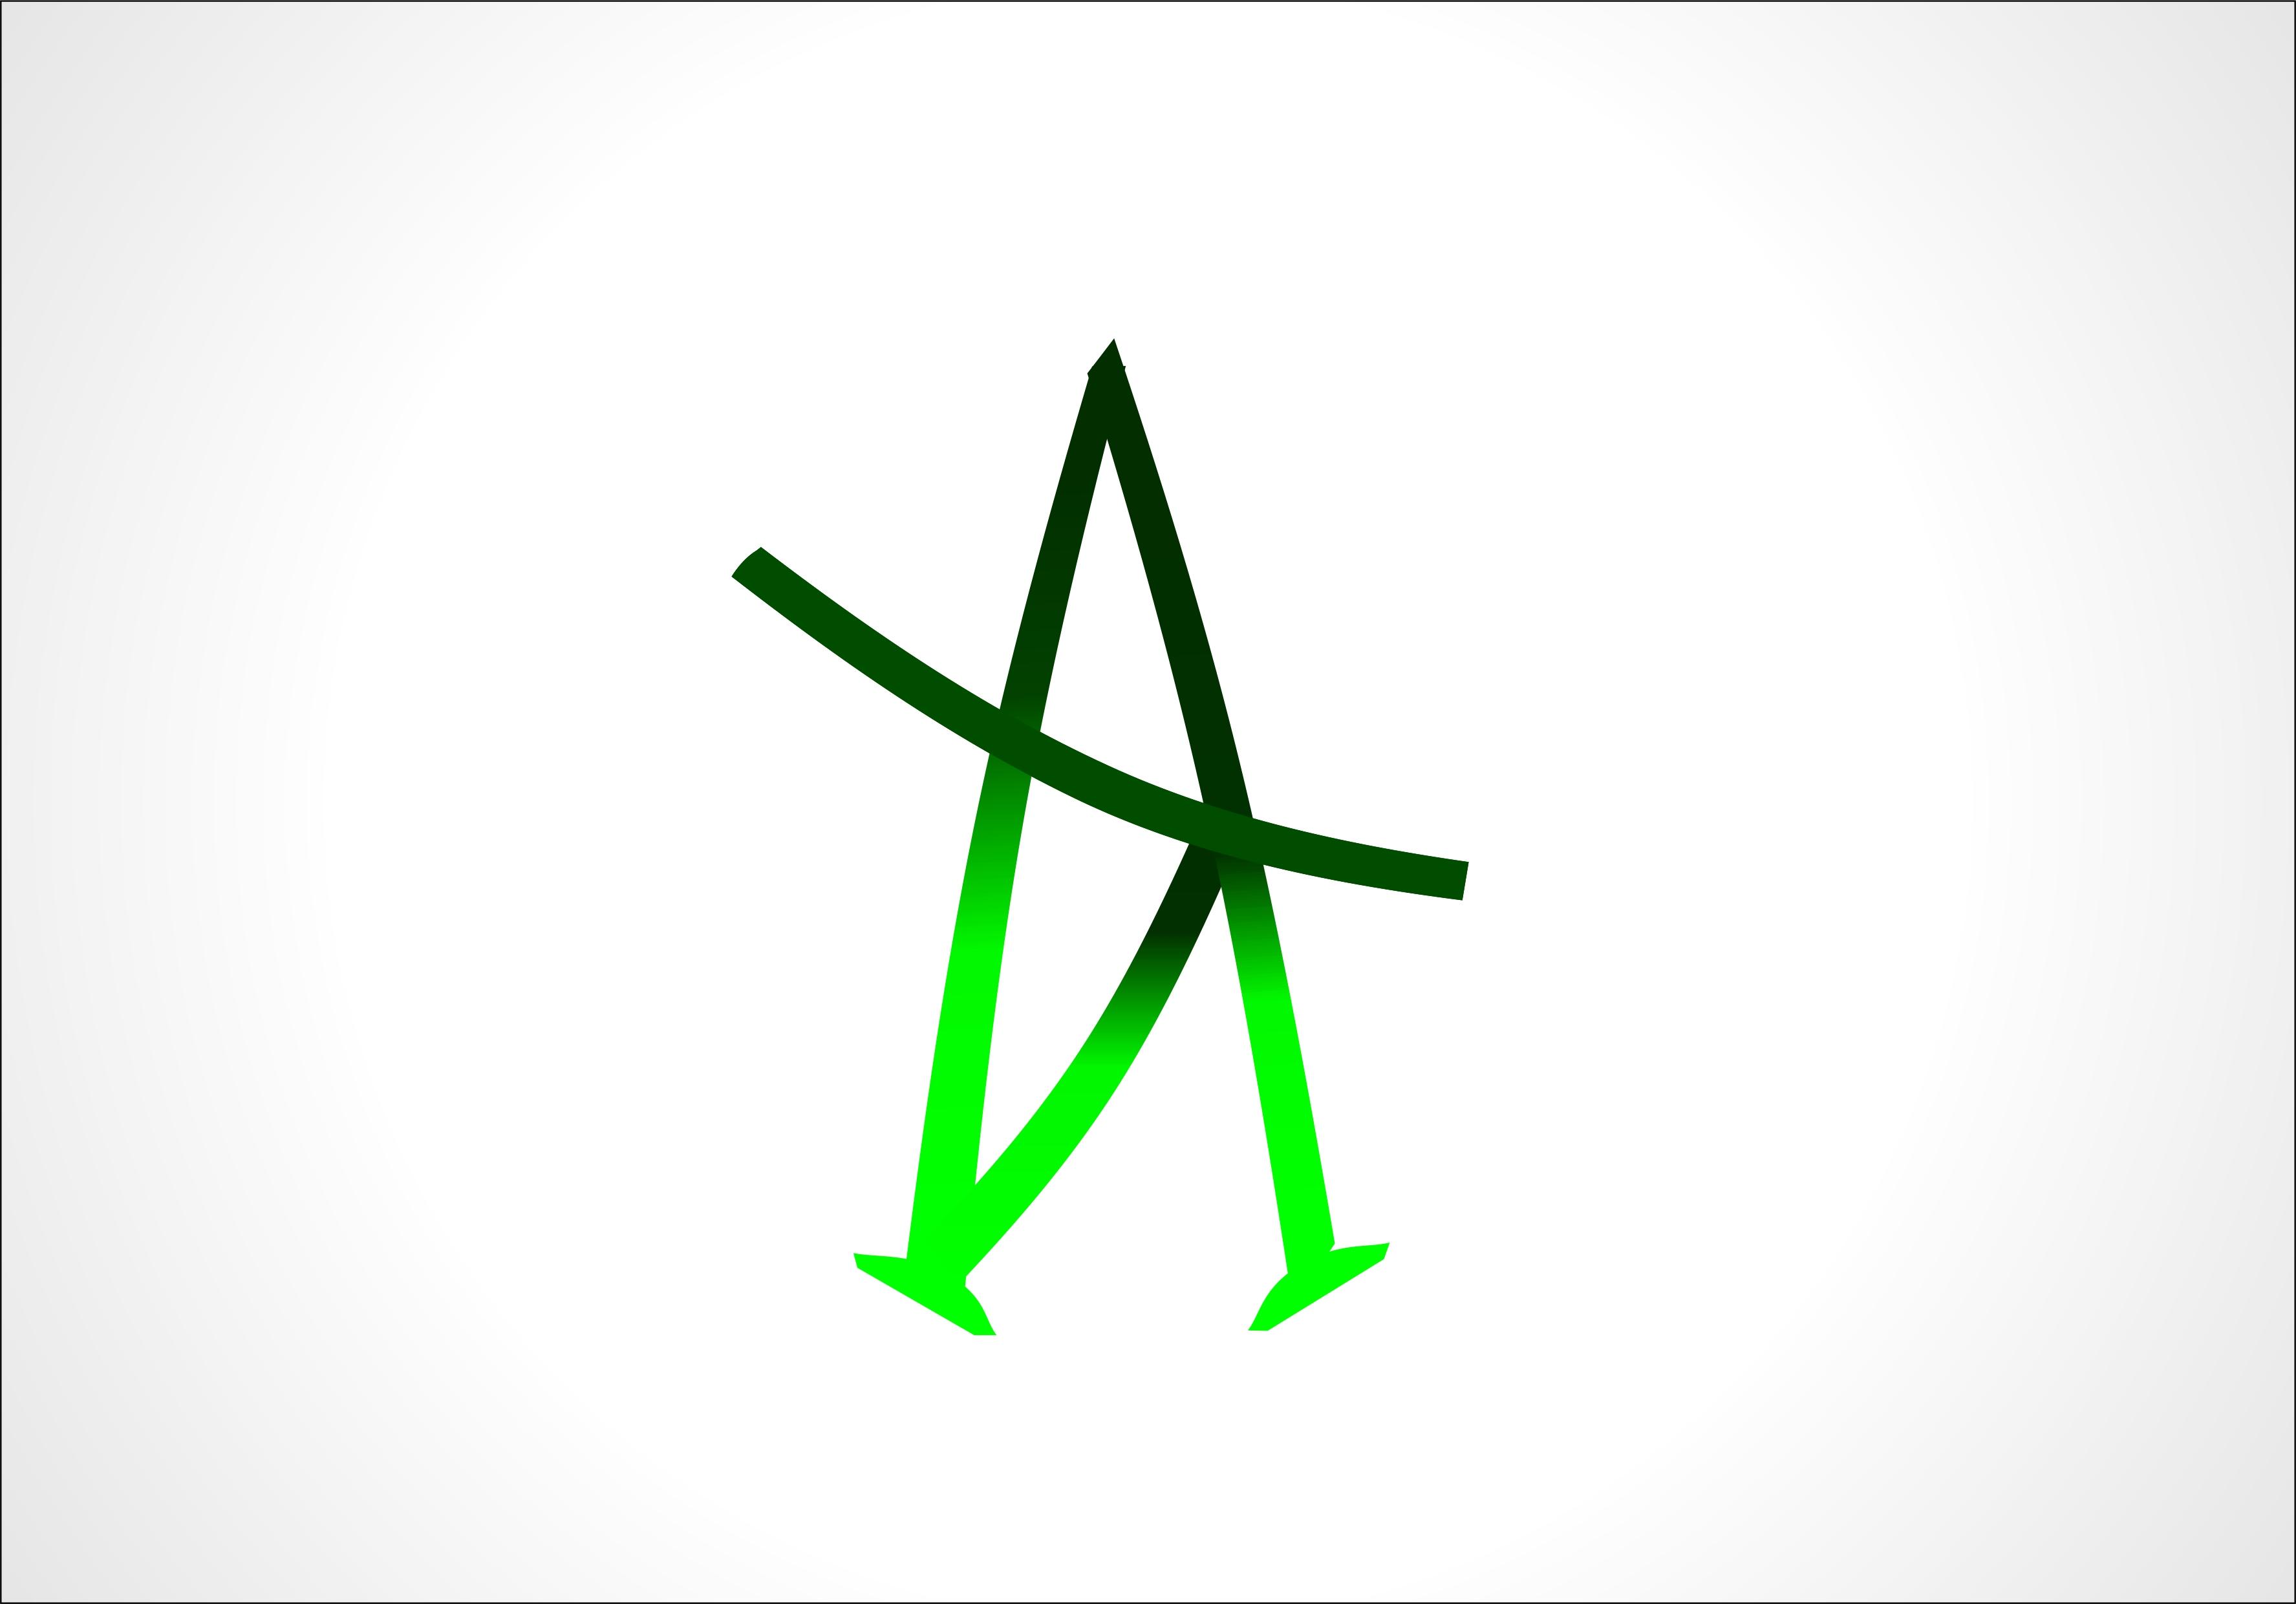 Логотип для инженерной компании фото f_77251cf21a43ac74.jpg